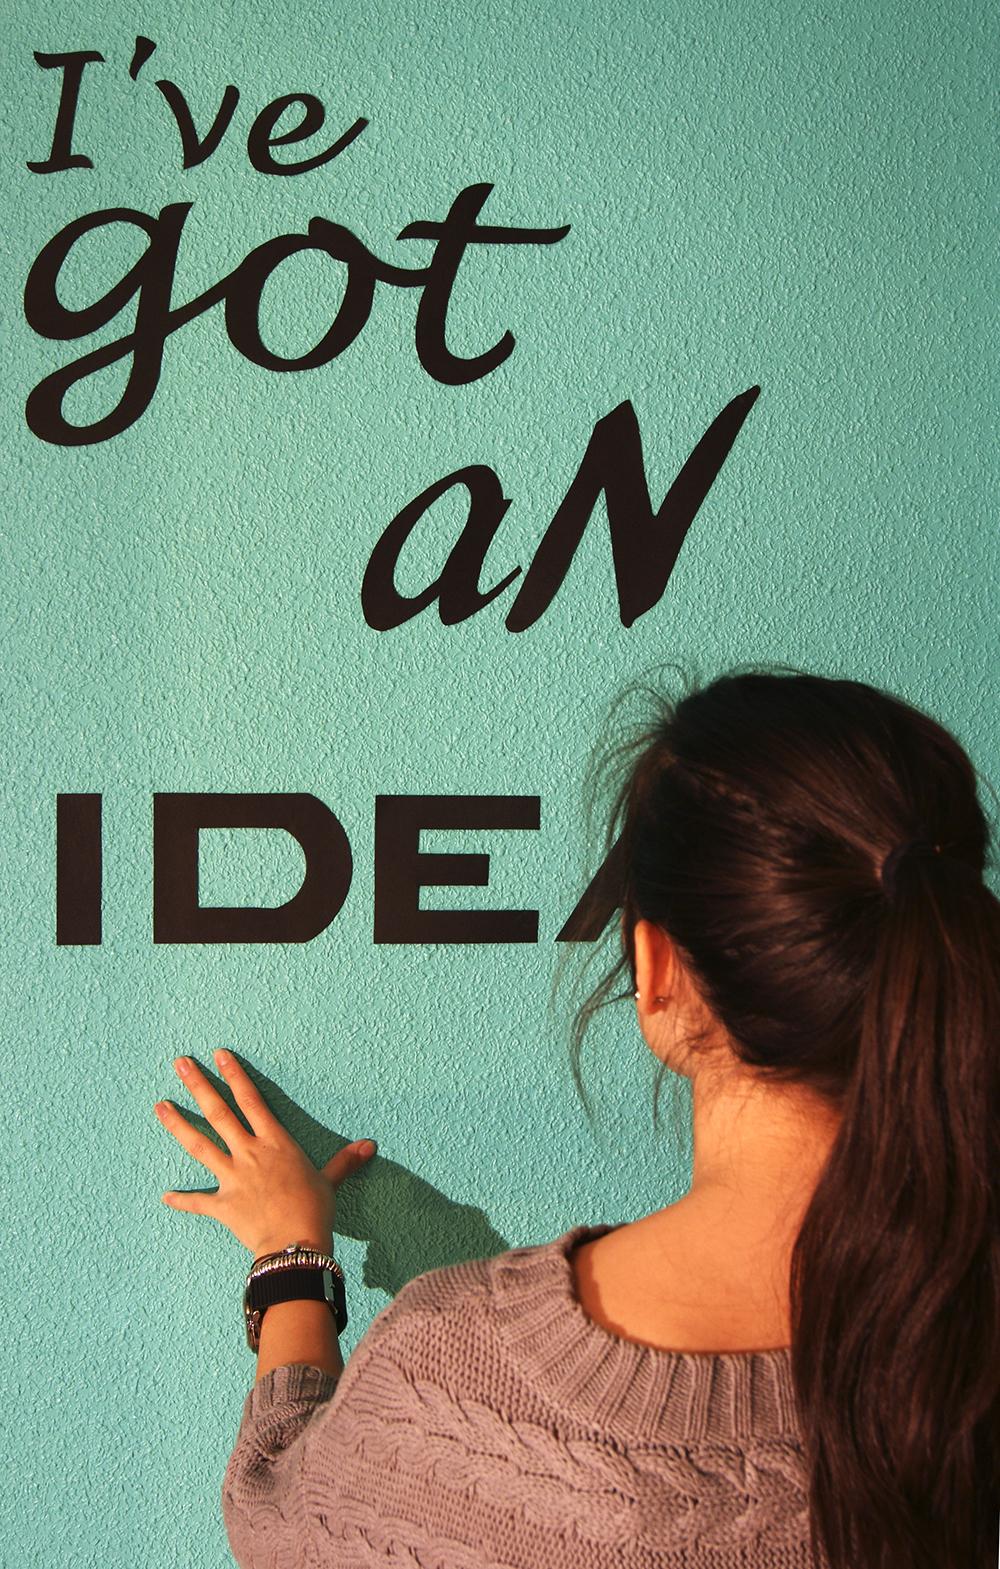 E l e n a r q u i t e c t a dc decorar la pared - Plantillas de letras para pintar paredes ...